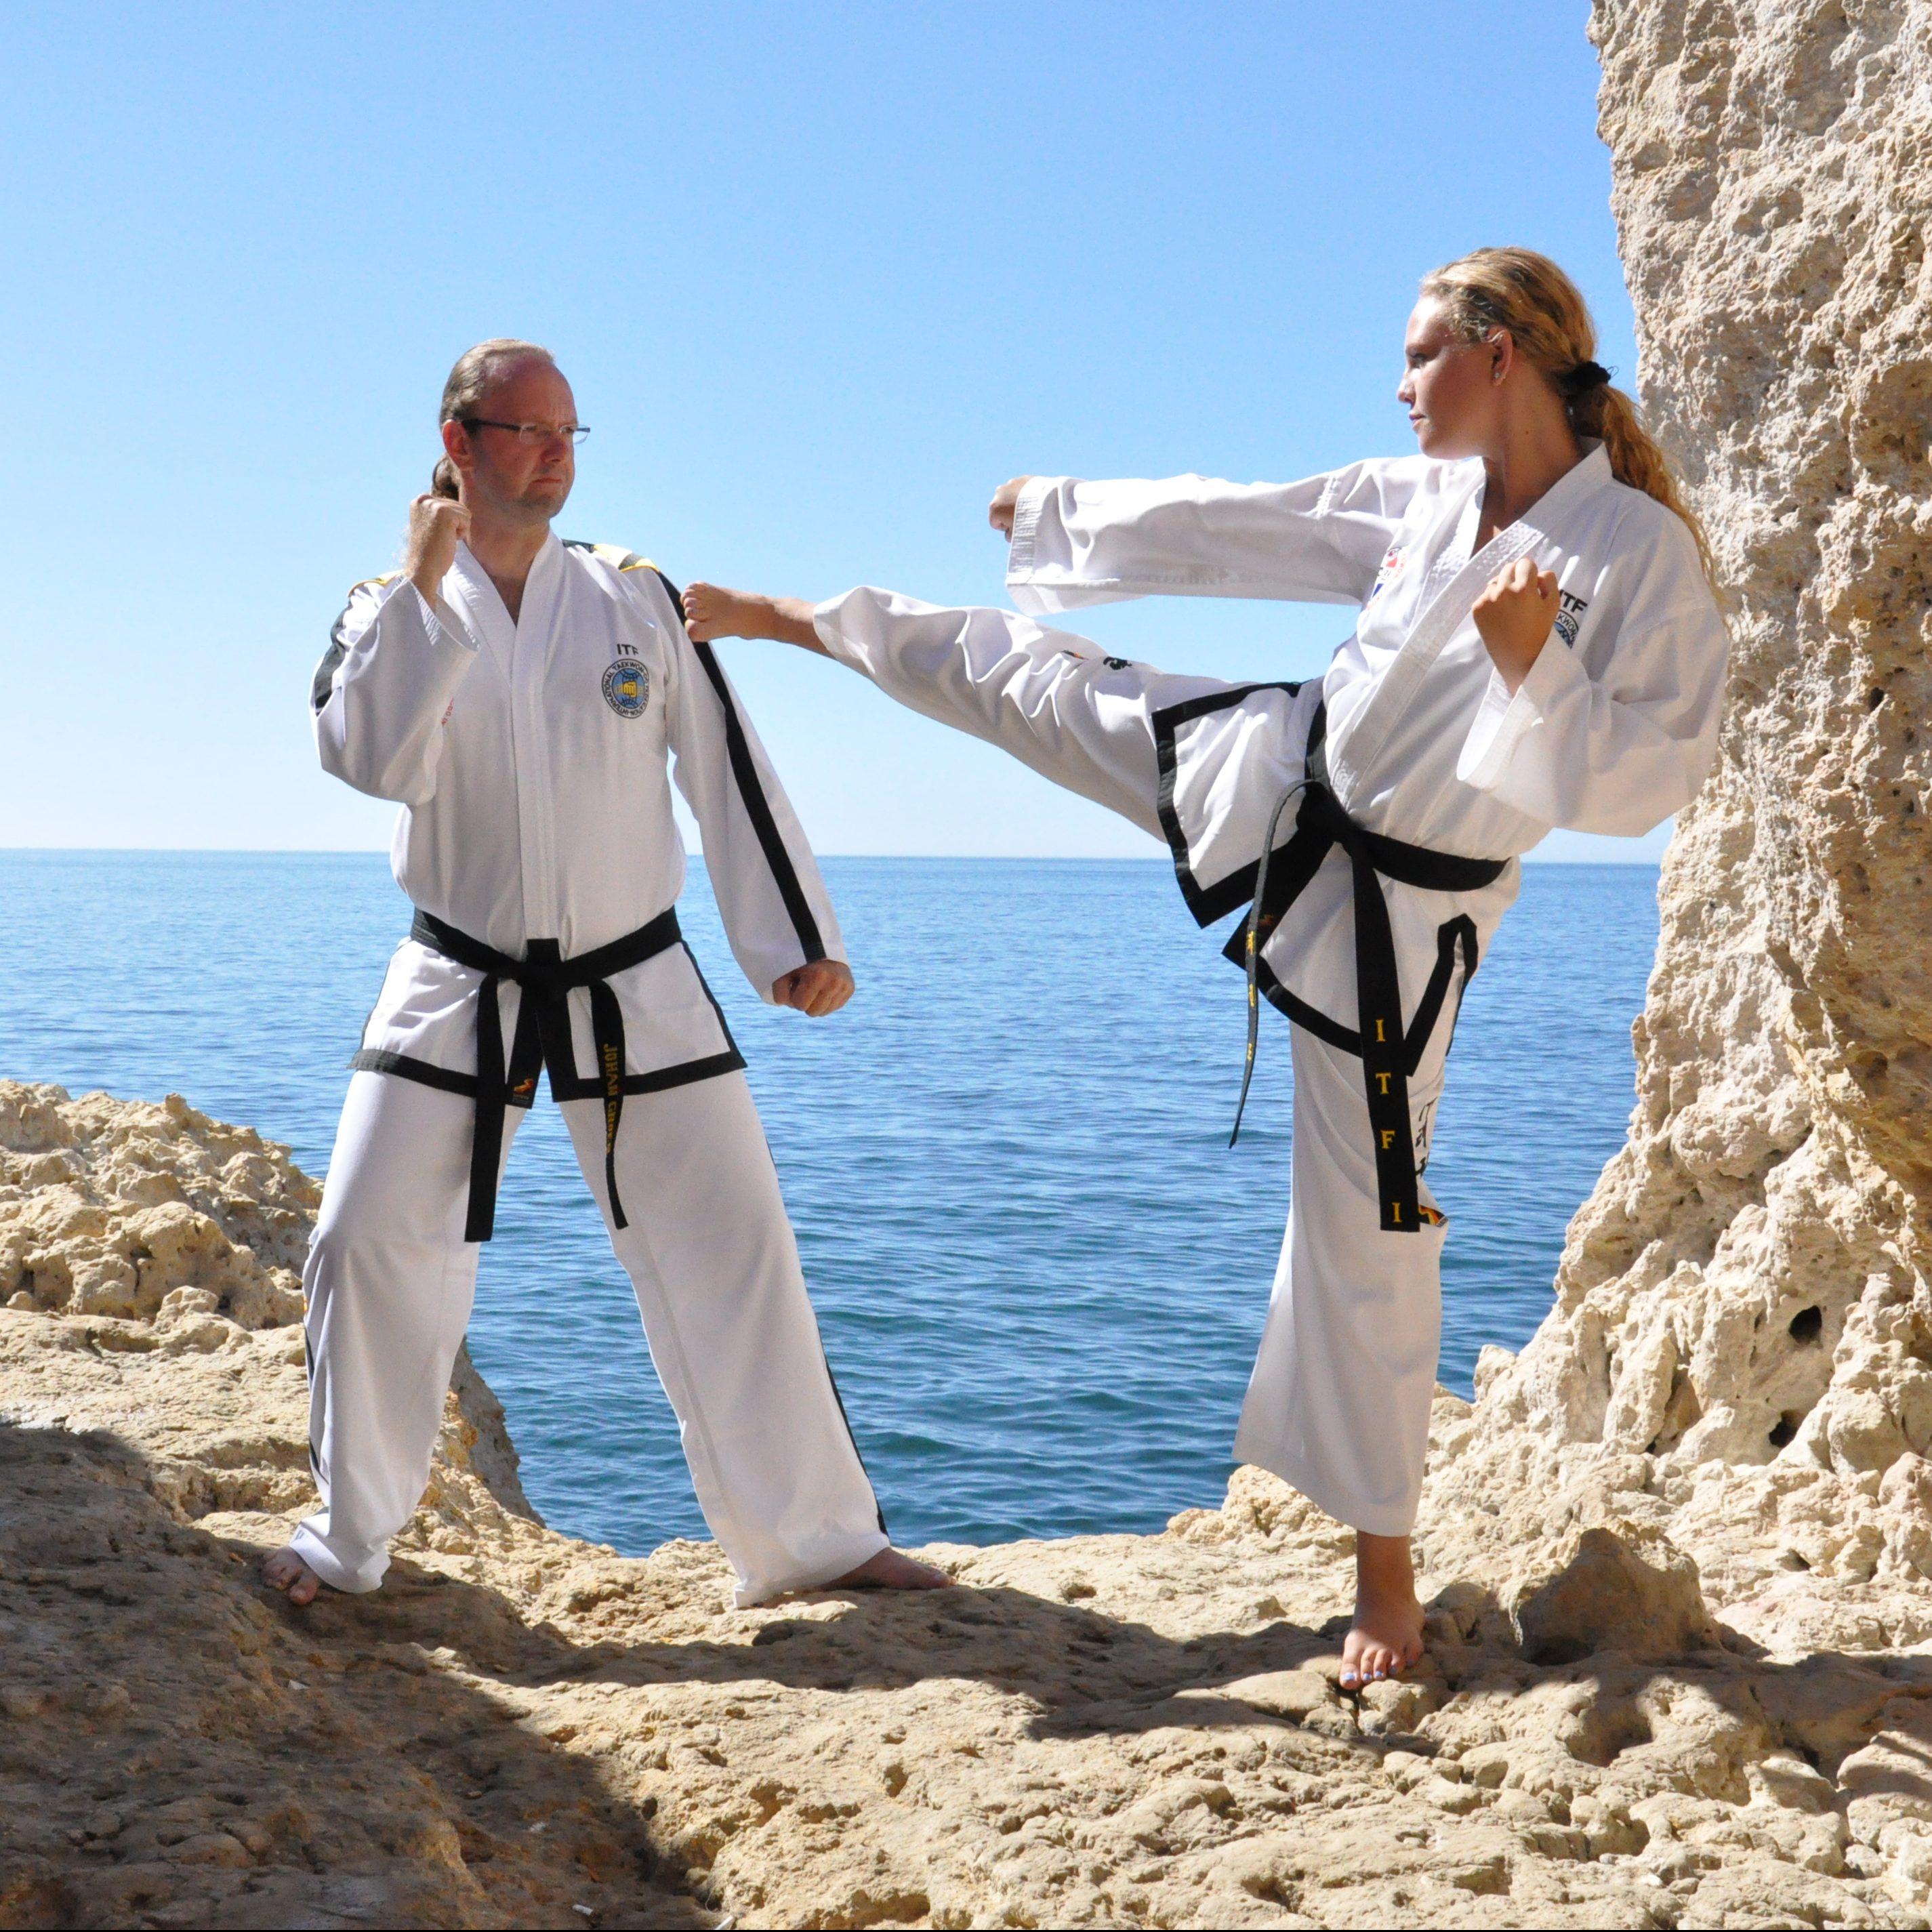 Taekwondo Baukdu Zoetermeer zelfverdediging als sport vechtsport